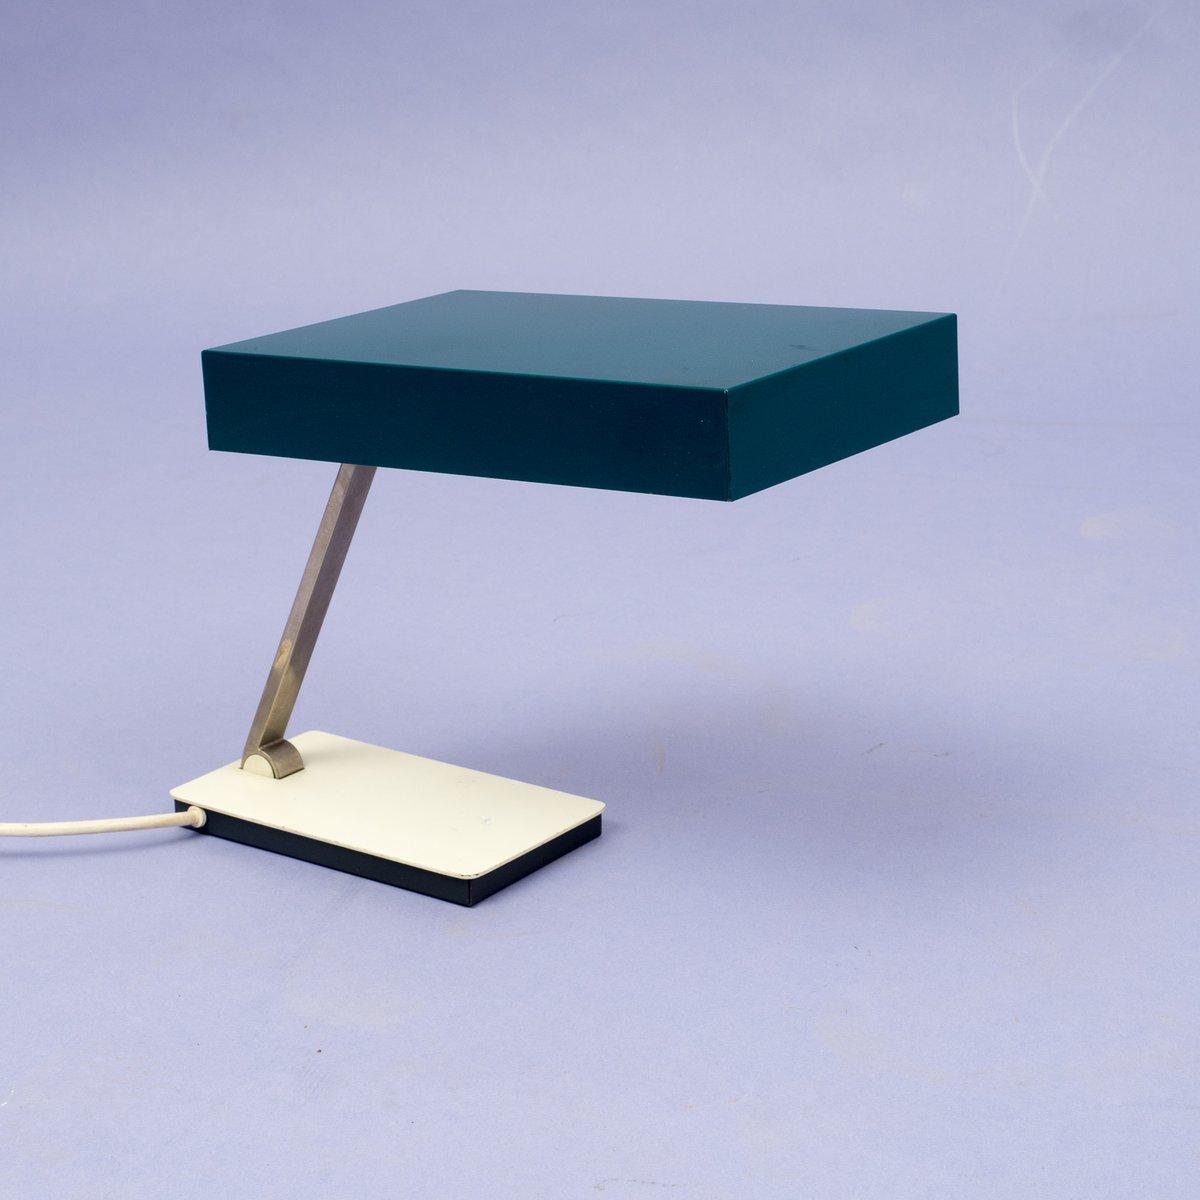 lampe de bureau model 6878 vintage de kaiser leuchten en vente sur pamono. Black Bedroom Furniture Sets. Home Design Ideas